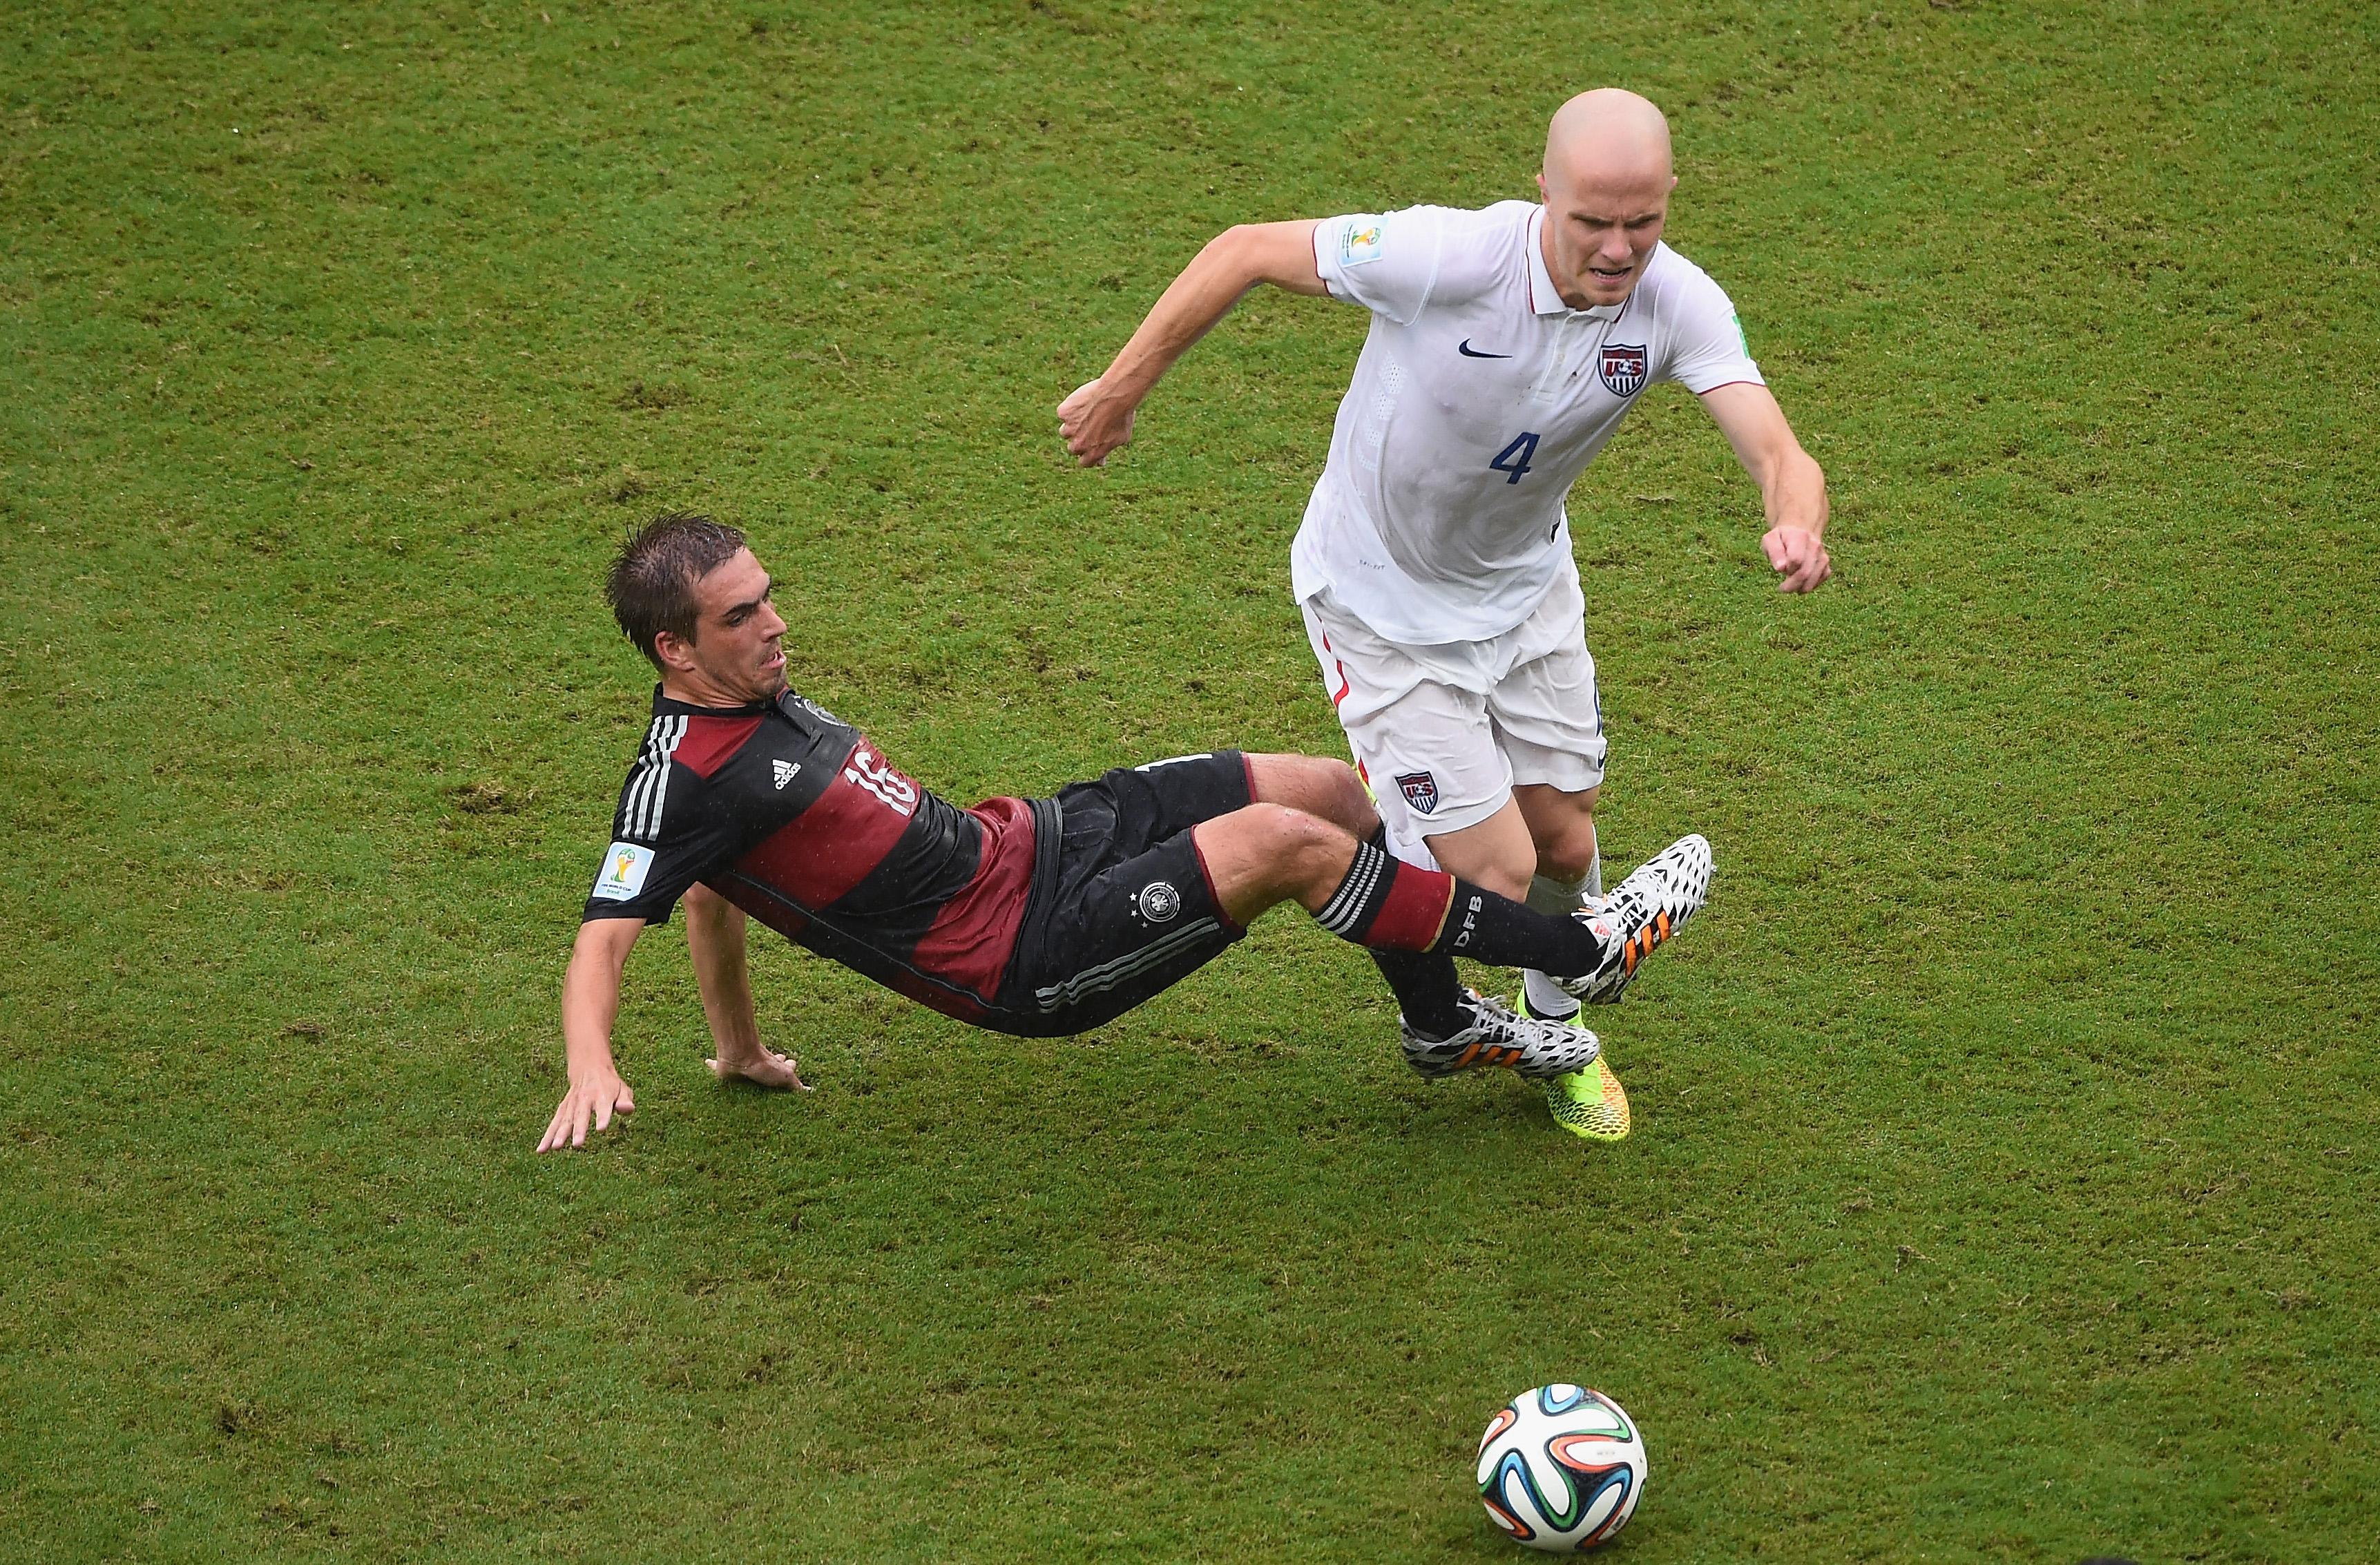 Deutschland gegen USA: 1:0 – doch beide Mannschaften kommen ins Achtelfinale der WM! (Video)